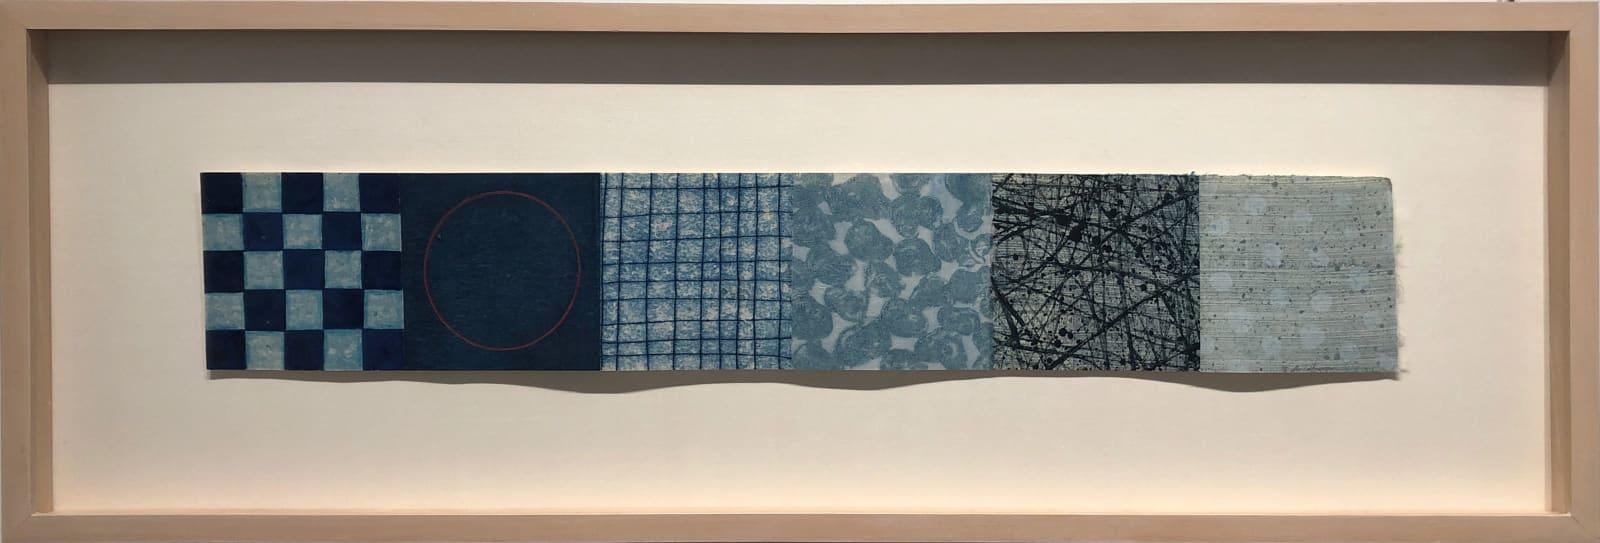 David Shapiro, Savasan for N, 2011